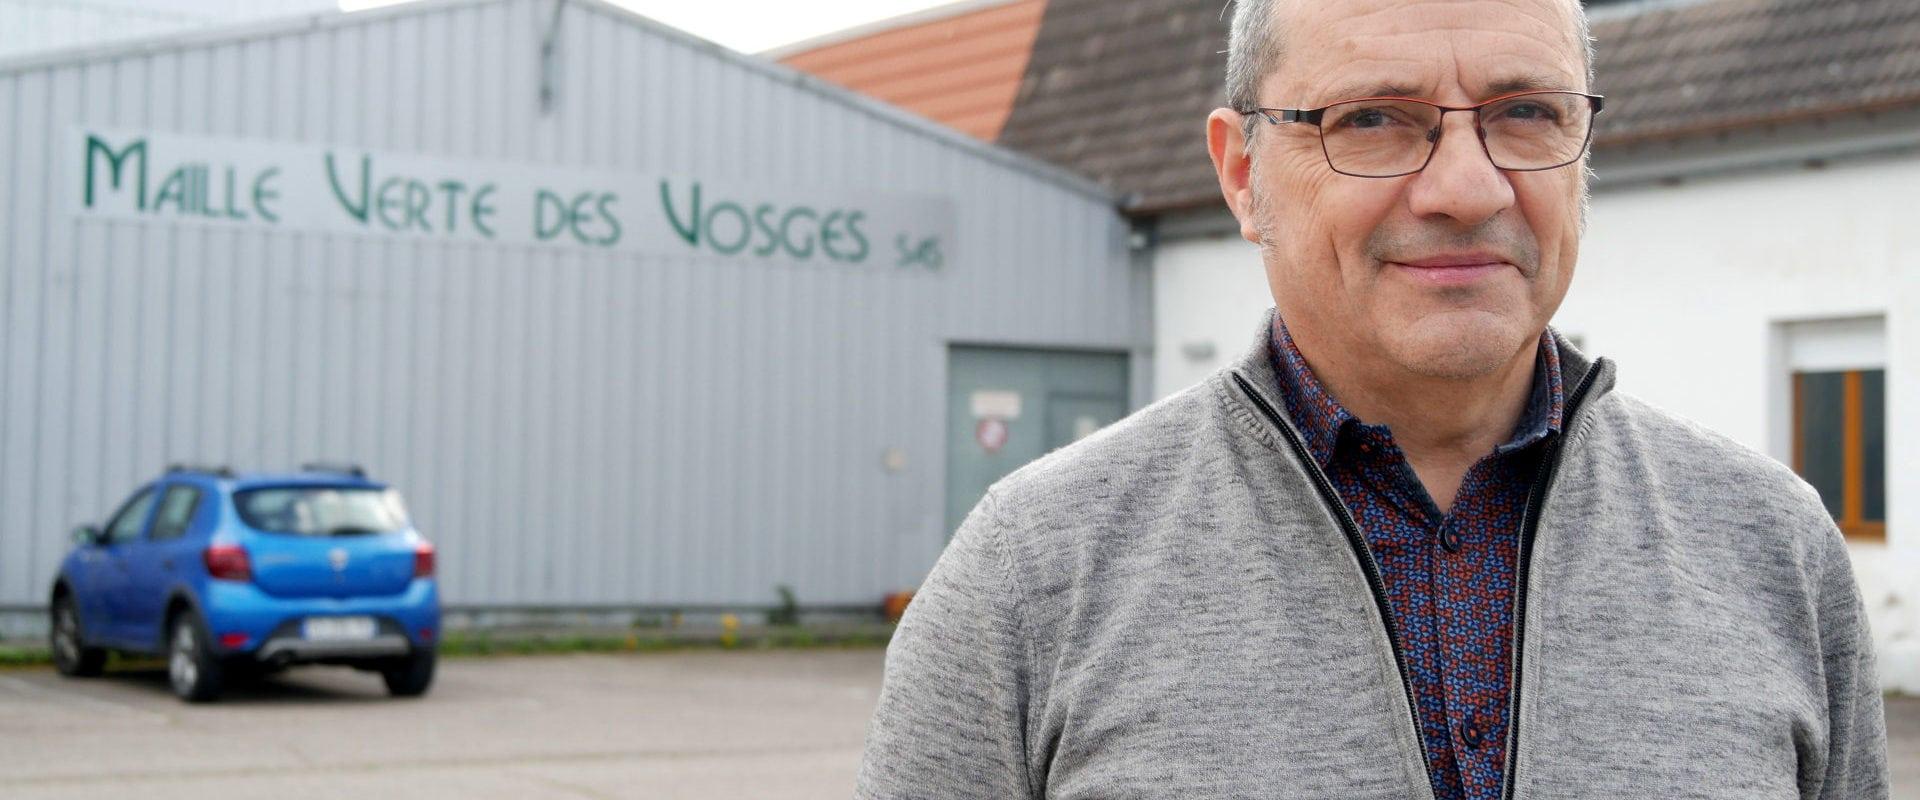 Éric Neri, patron d'usine textile: «Les élections européennes, ça me fout la trouille»